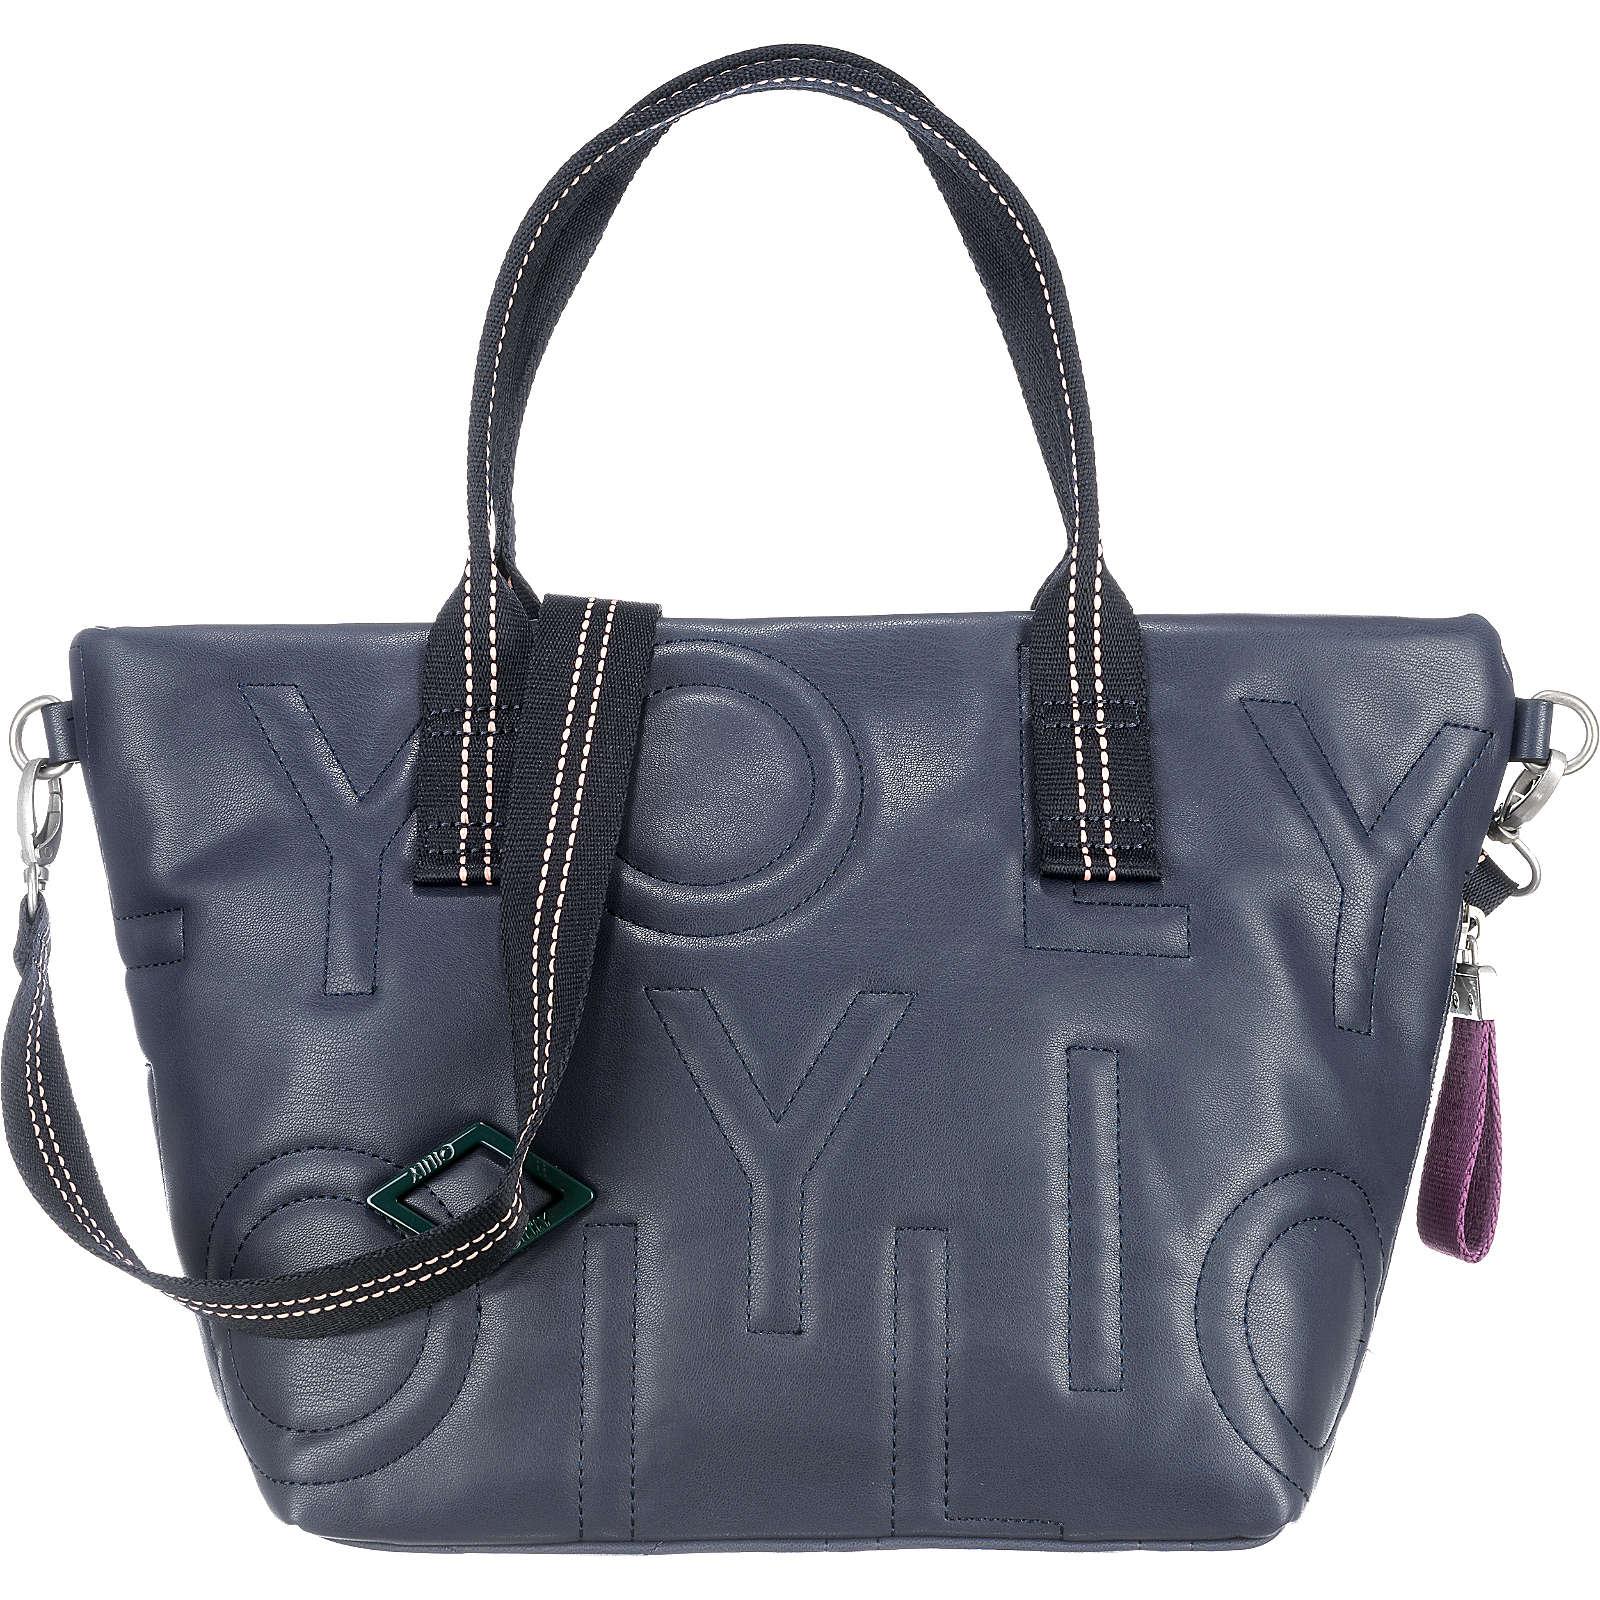 Oilily Gladdy Handtasche dunkelblau Damen